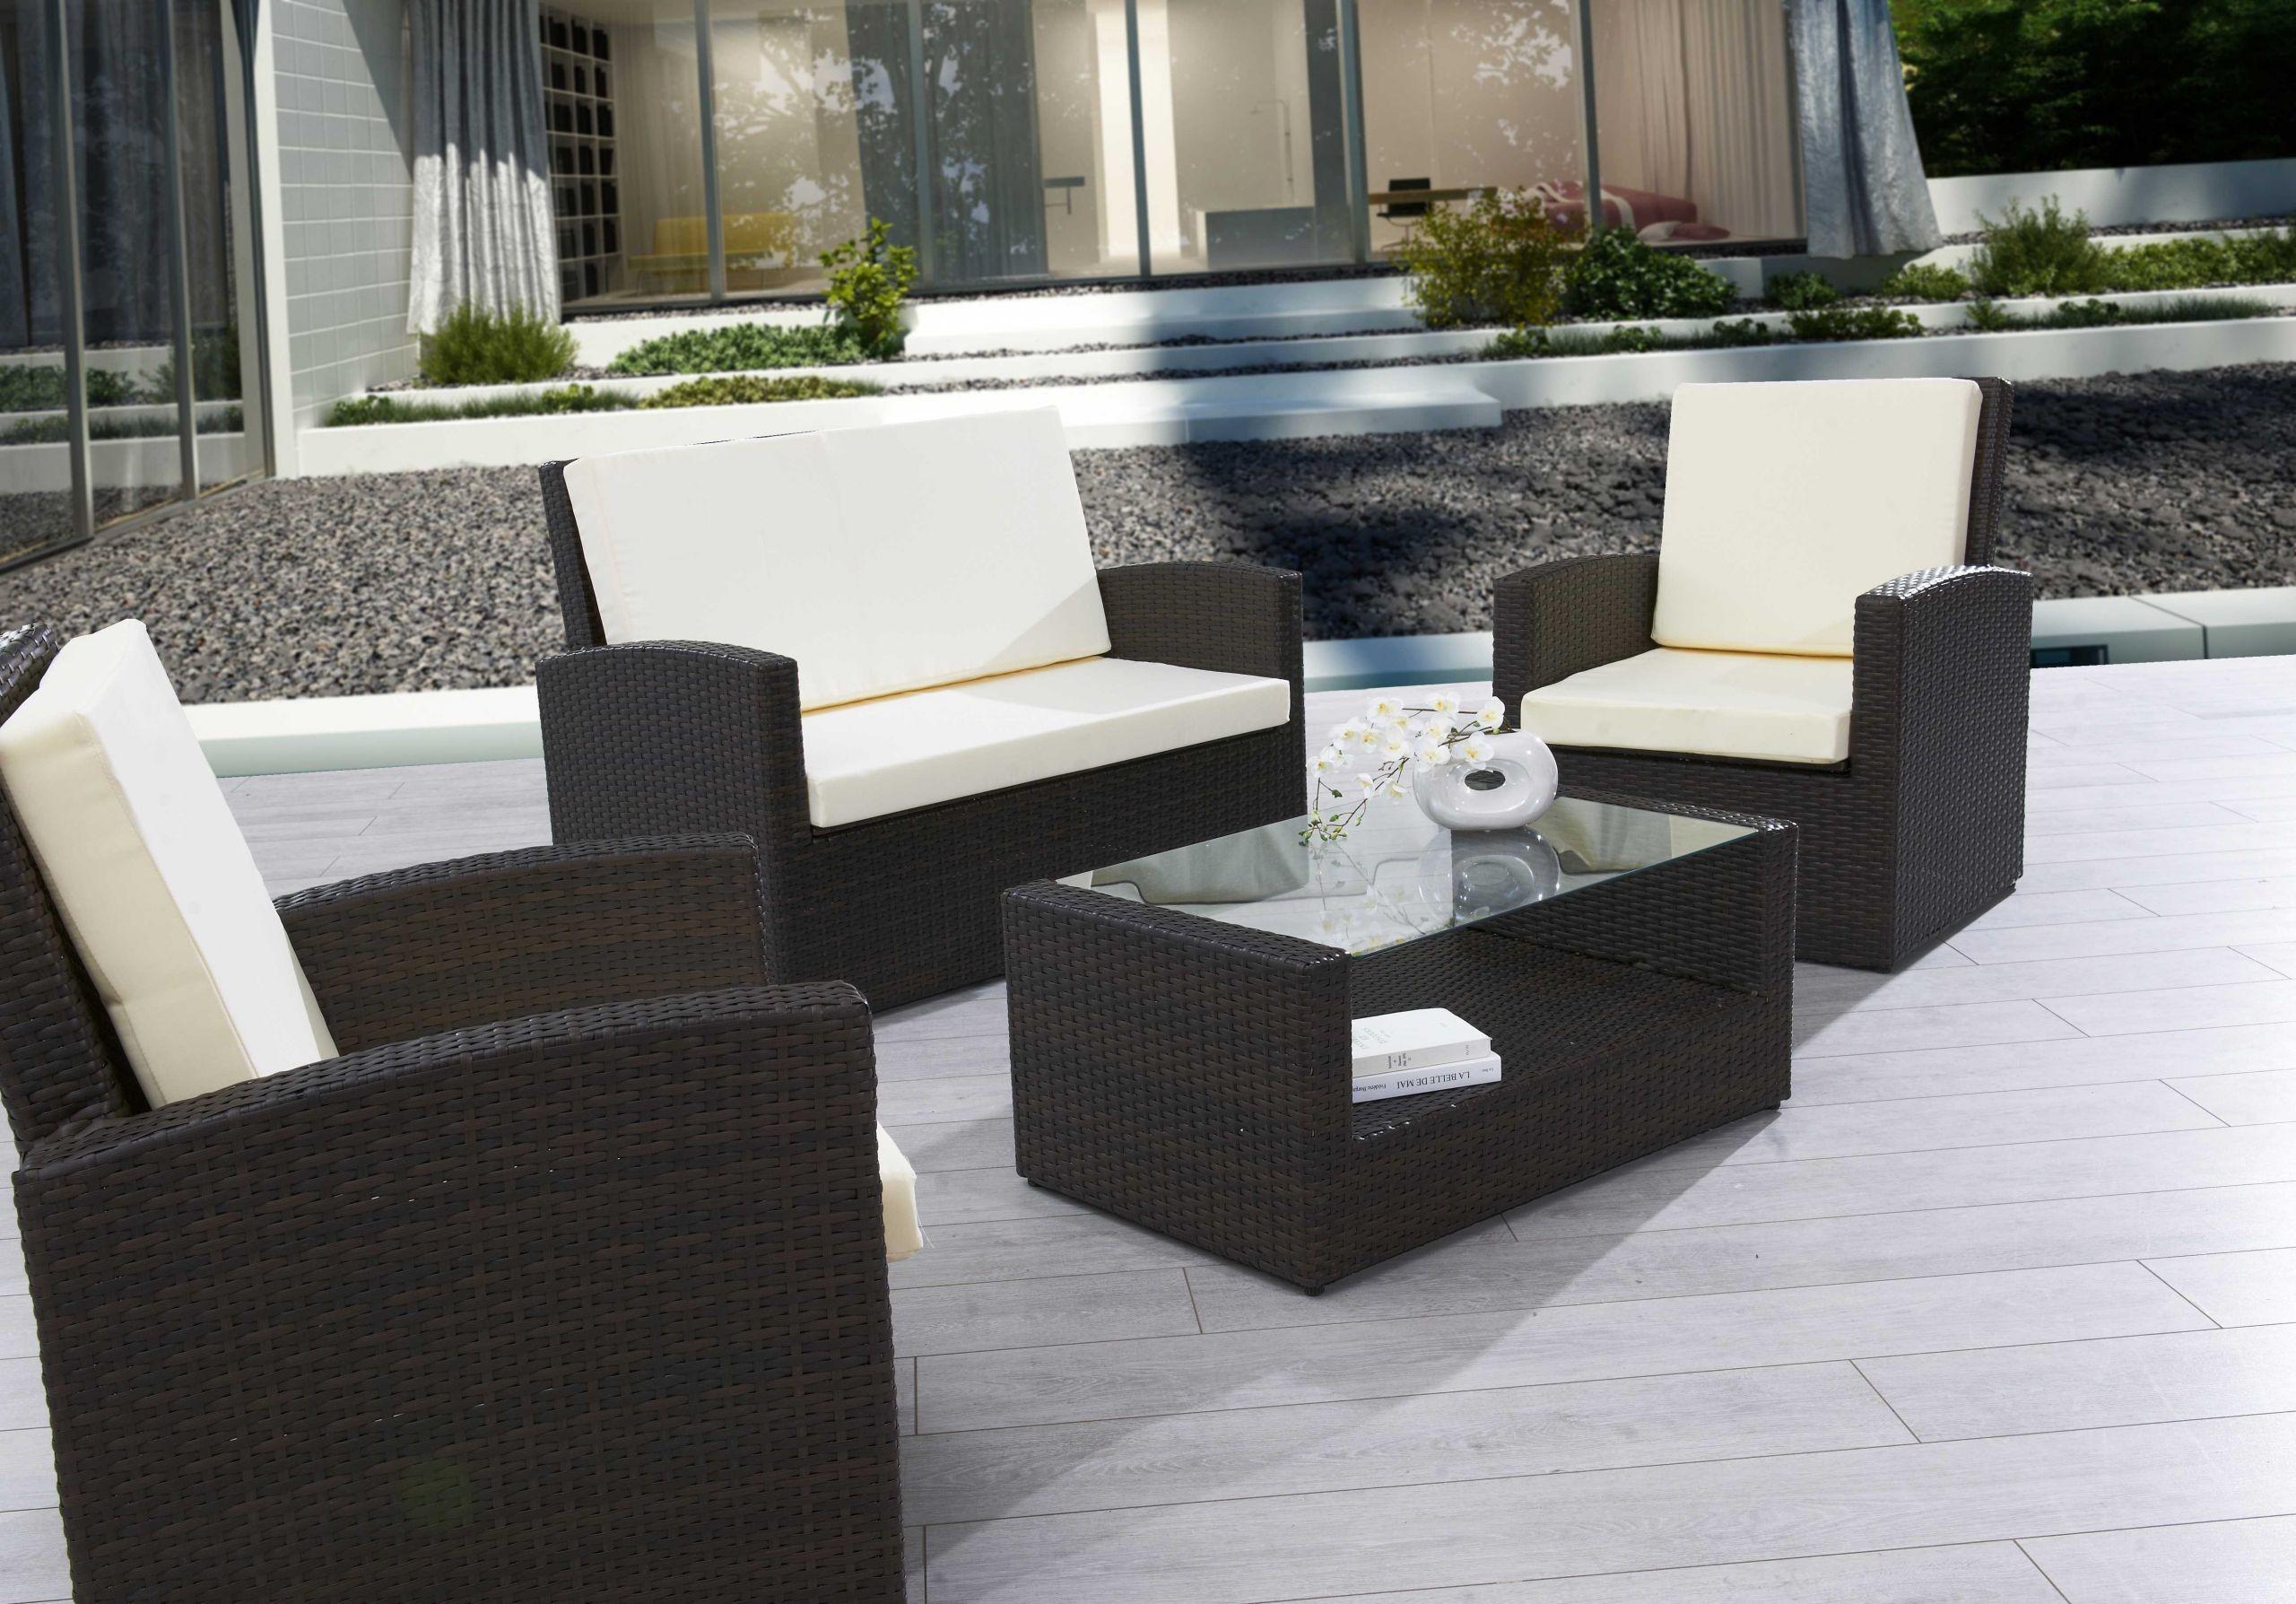 salon de jardin resine tressee discount frais table et chaise pour terrasse pas cher de salon de jardin resine tressee discount scaled